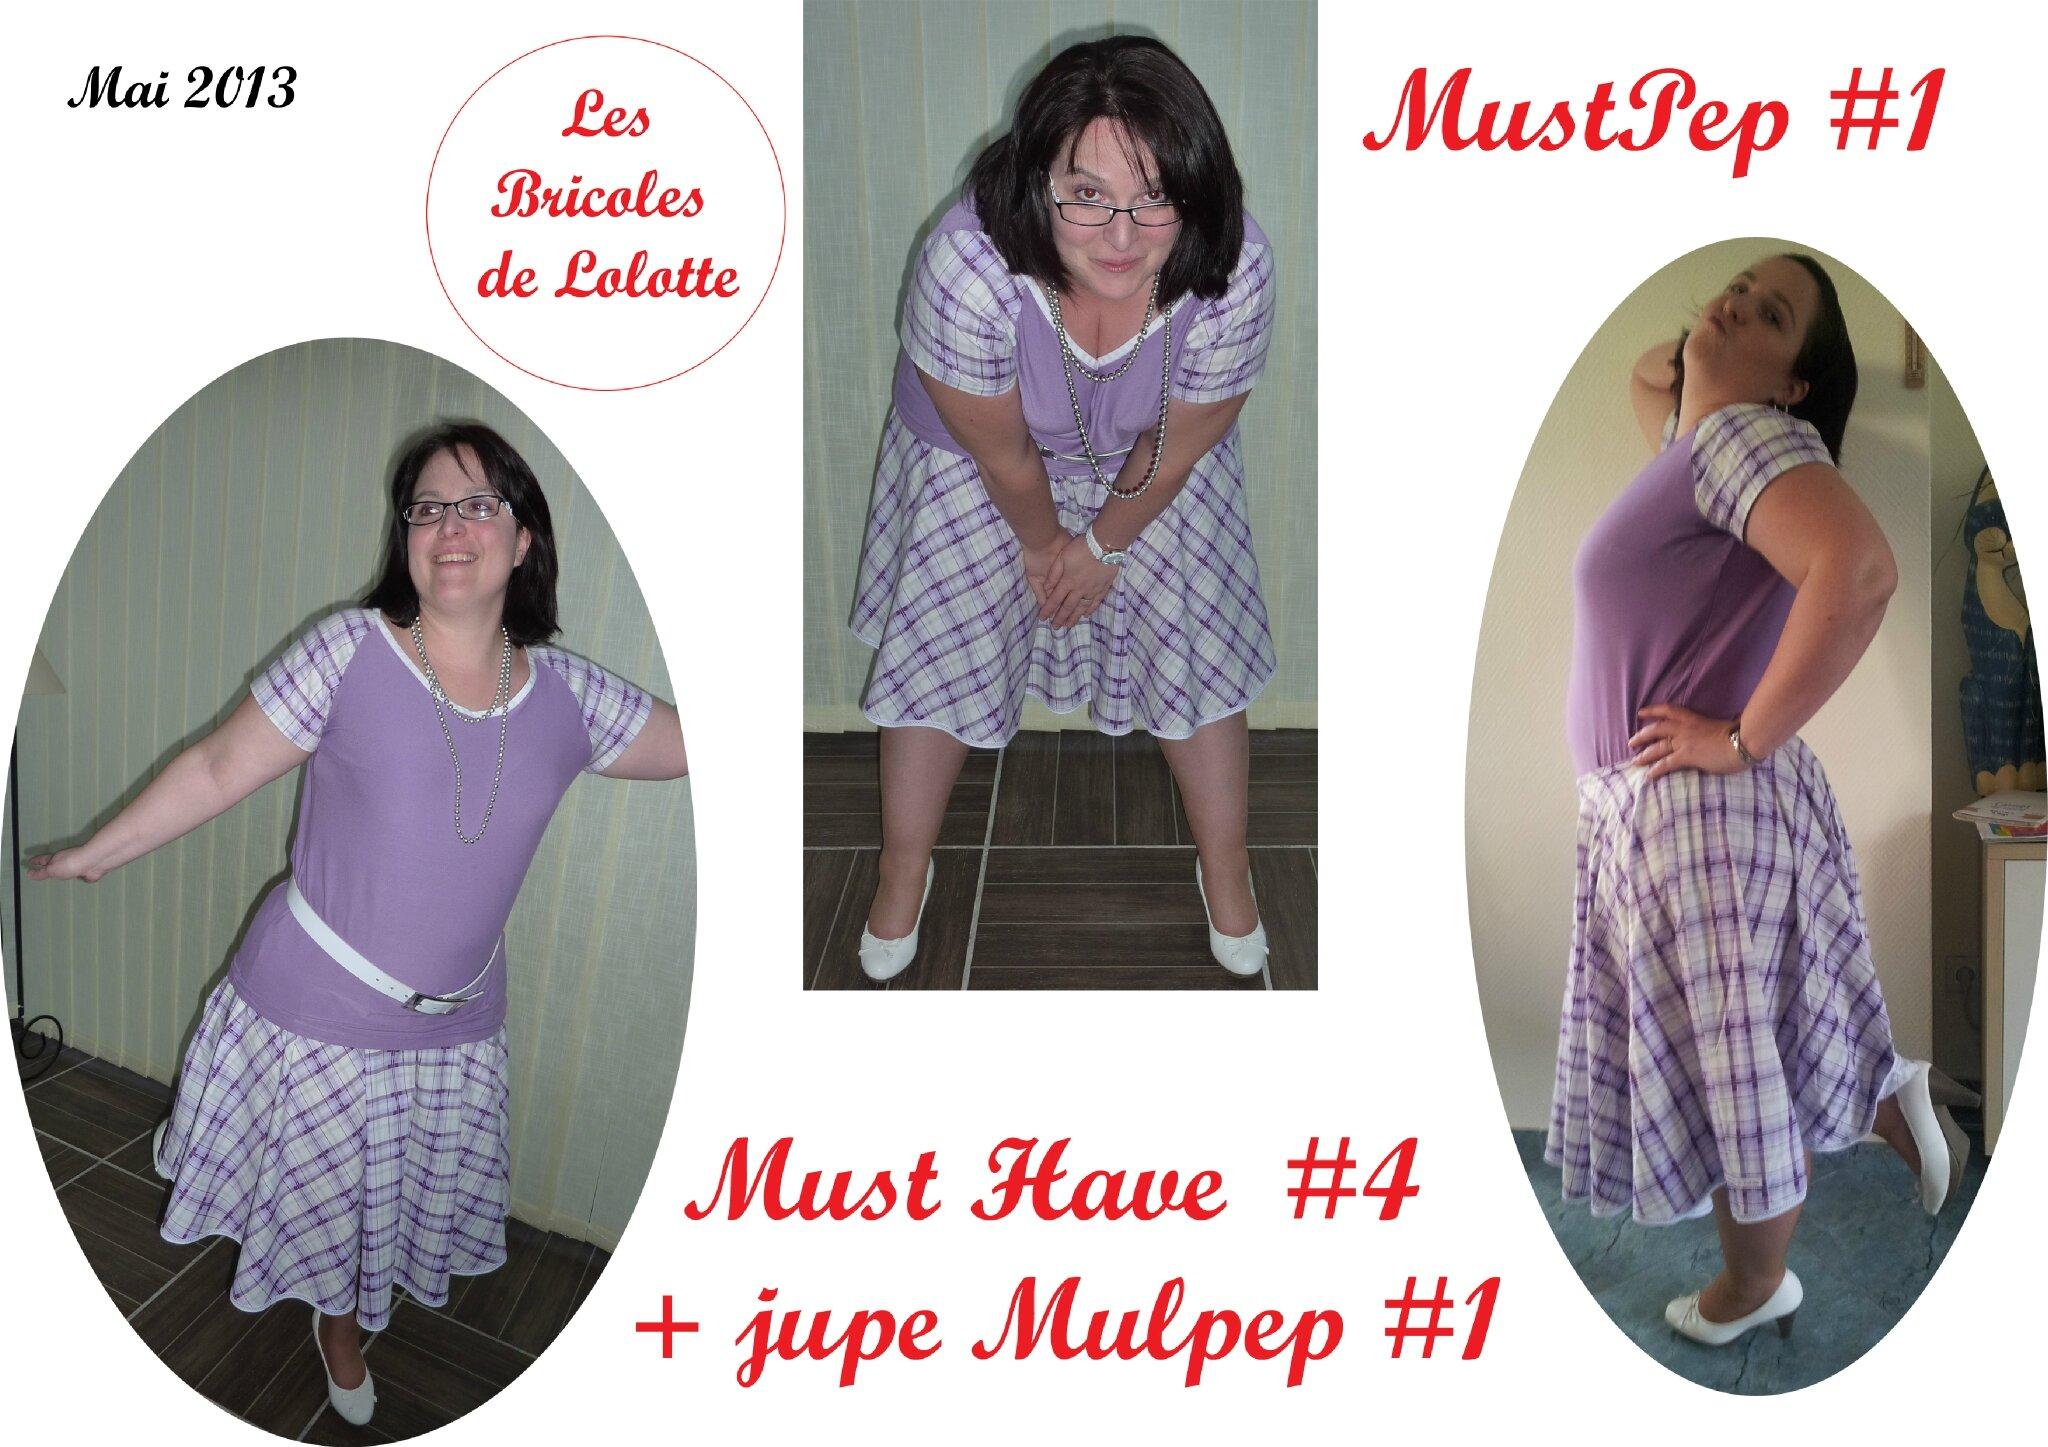 les bricoles de lolotte - mustpep#1